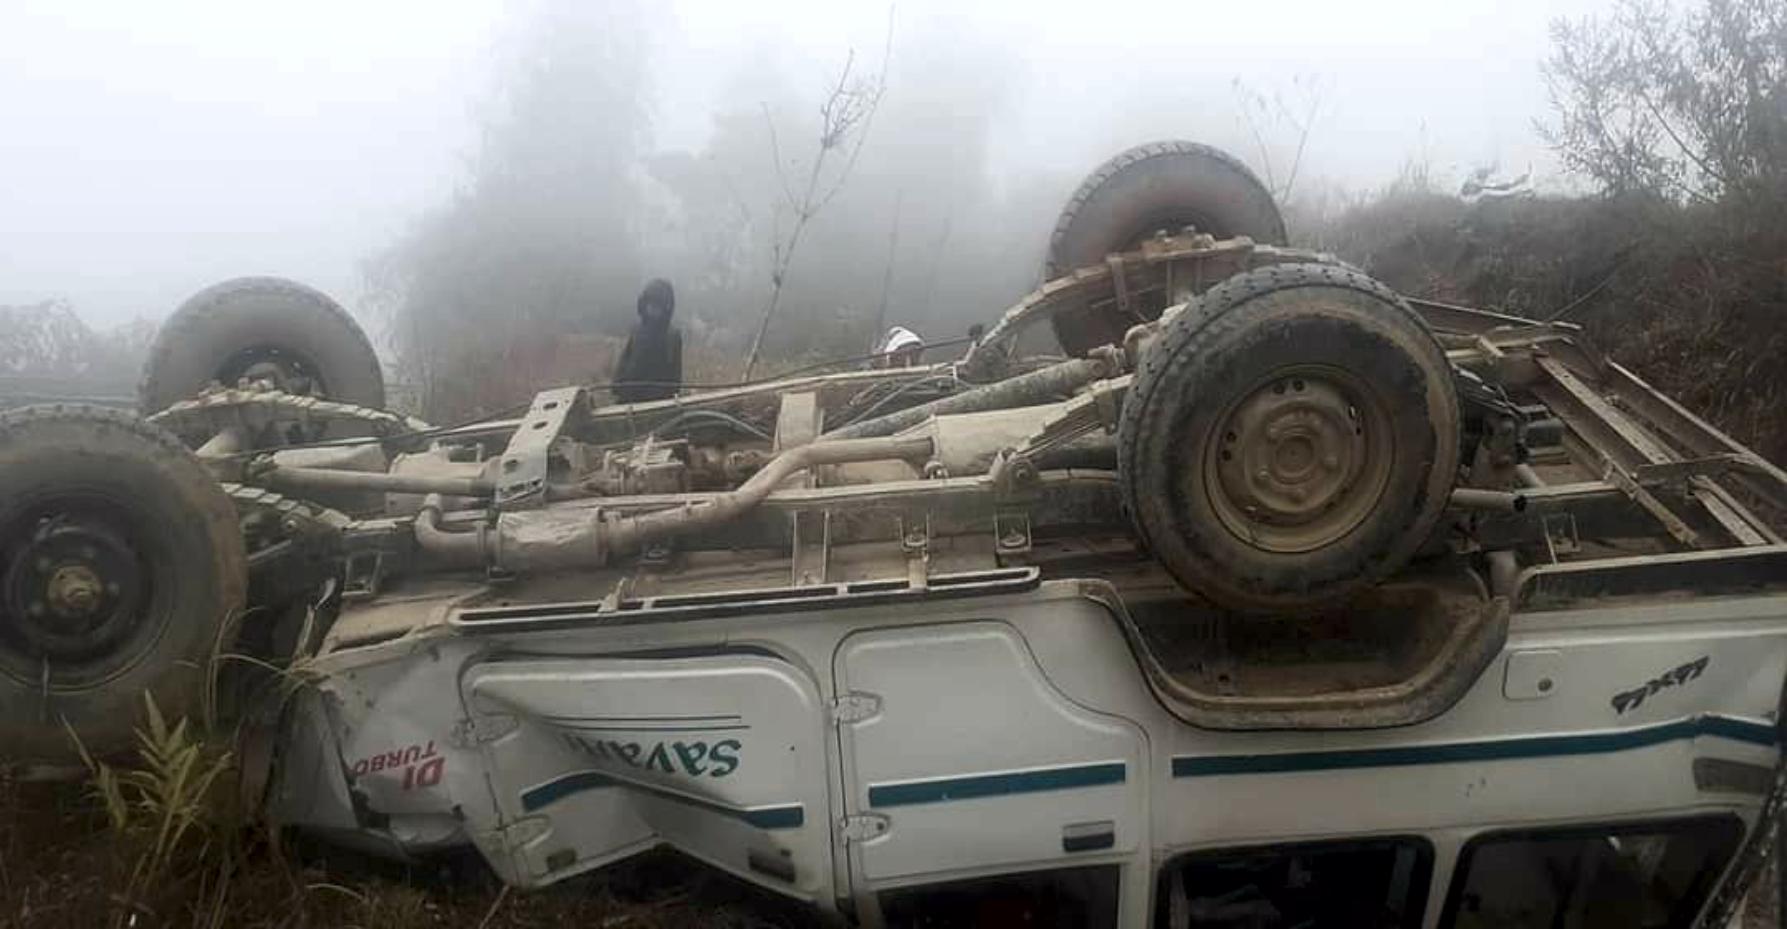 इलामको माङसेबुङमा ट्याक्सी दुर्घटना हुदां ८ जना घाइते